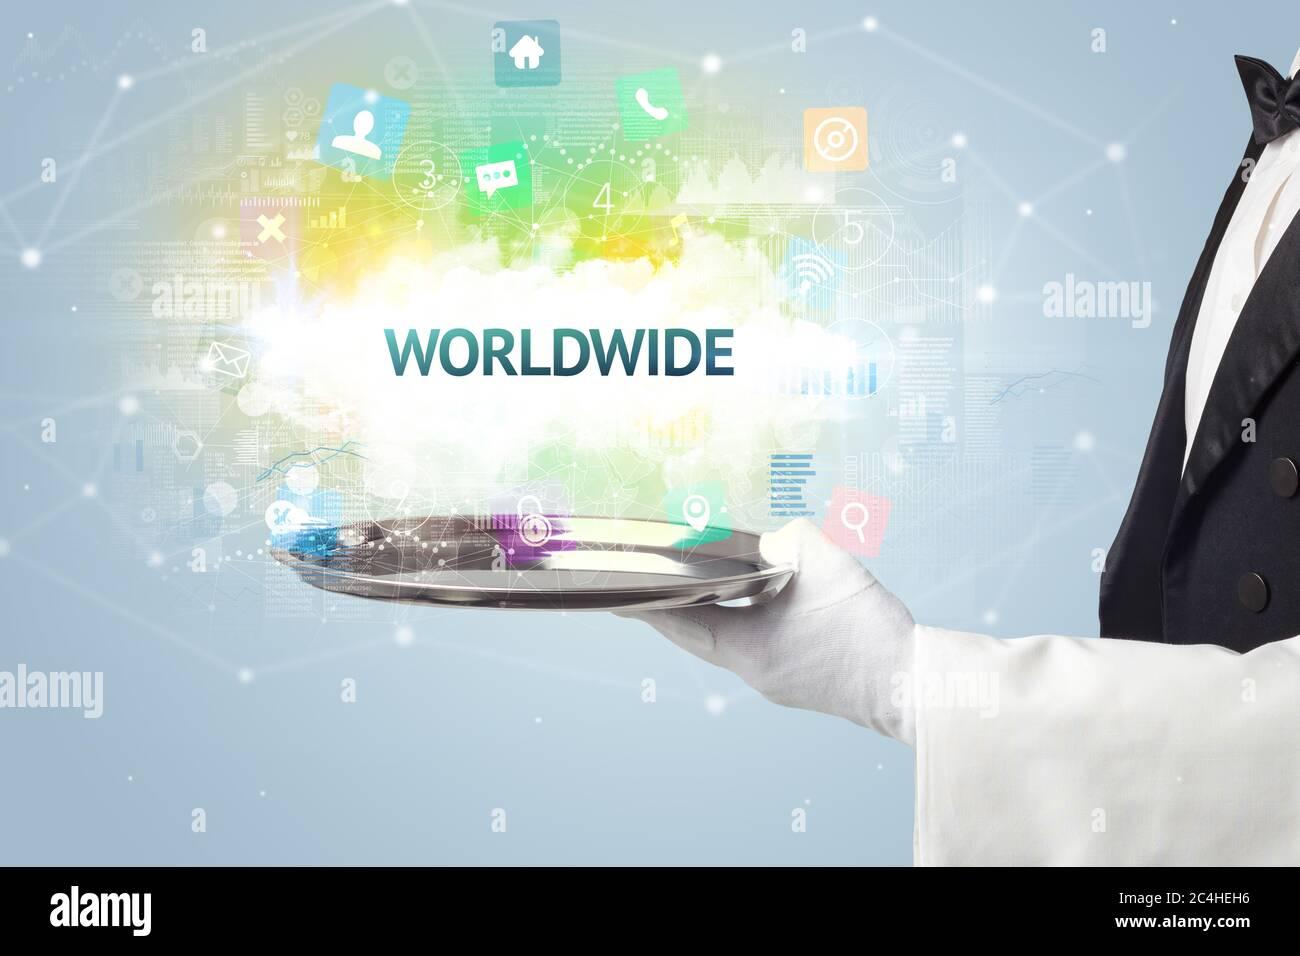 Serveur servant le concept de réseau social avec inscription DANS LE MONDE ENTIER Banque D'Images